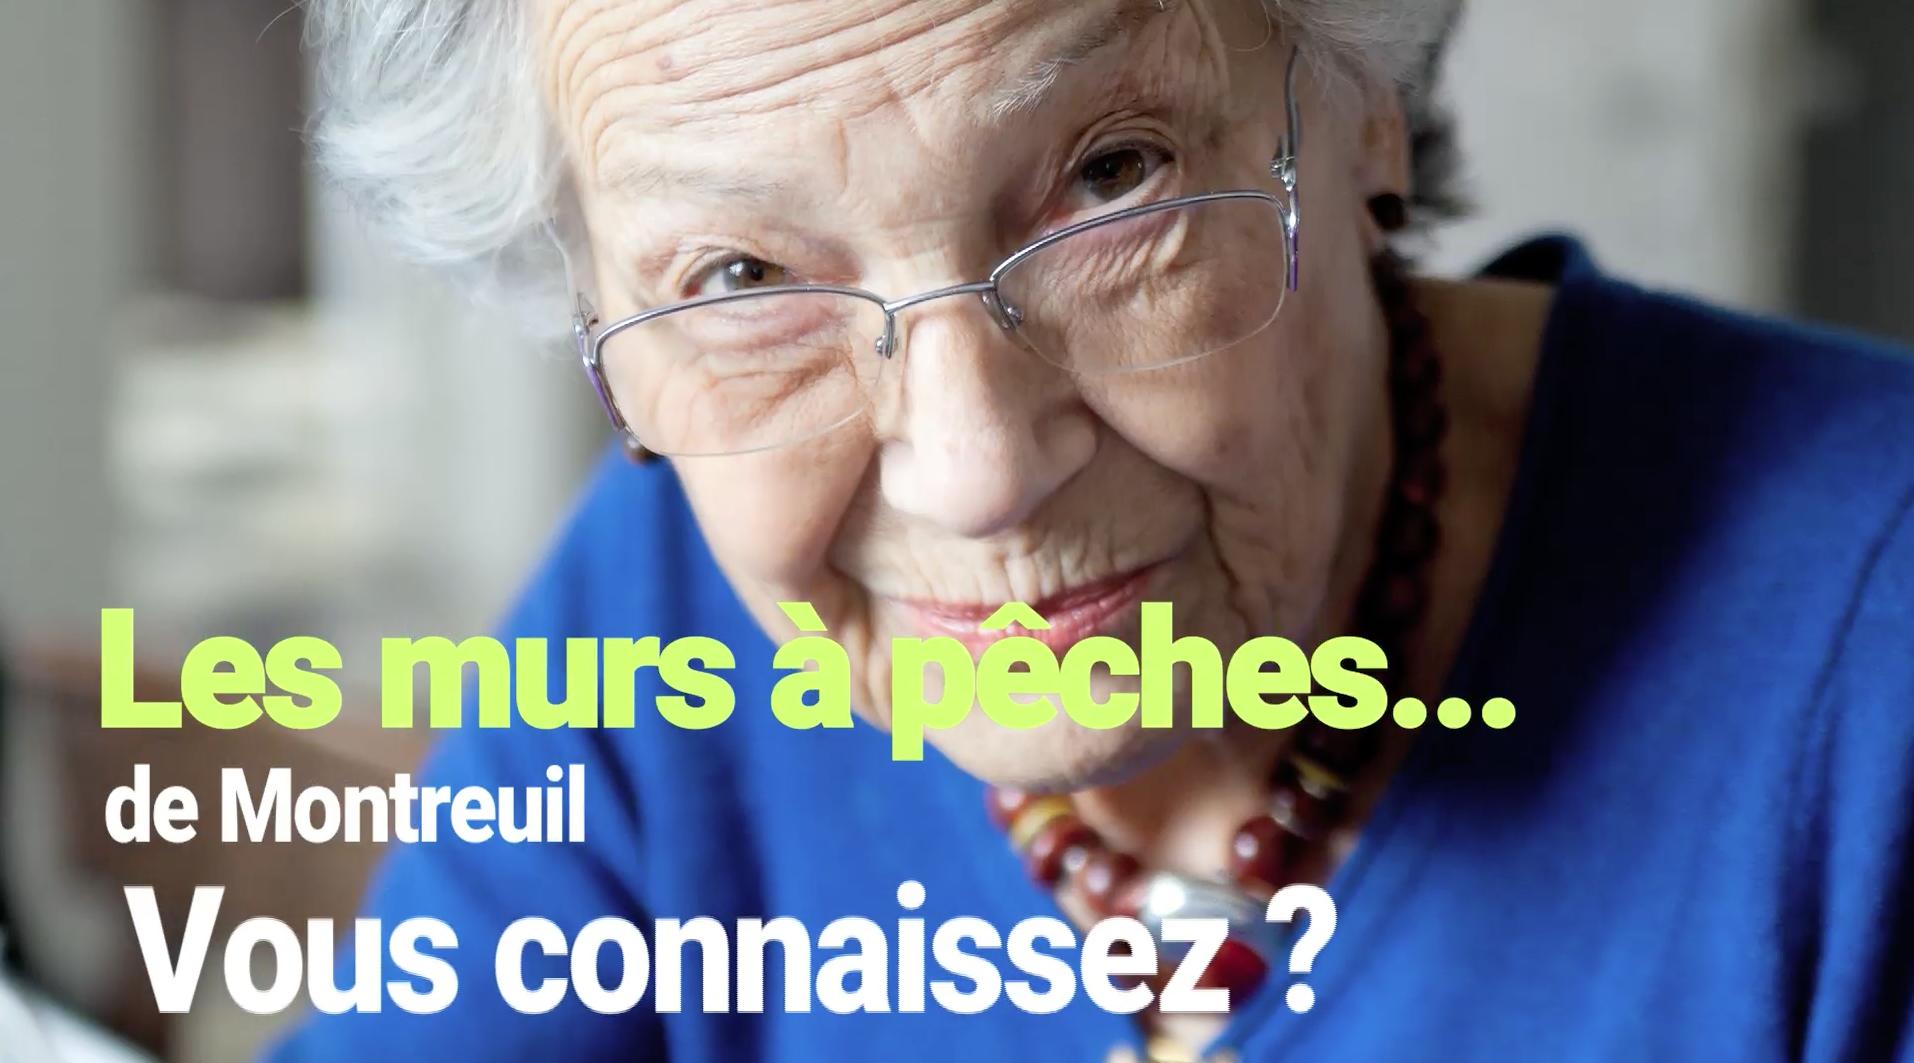 Venez transmettre votre histoire de Montreuil